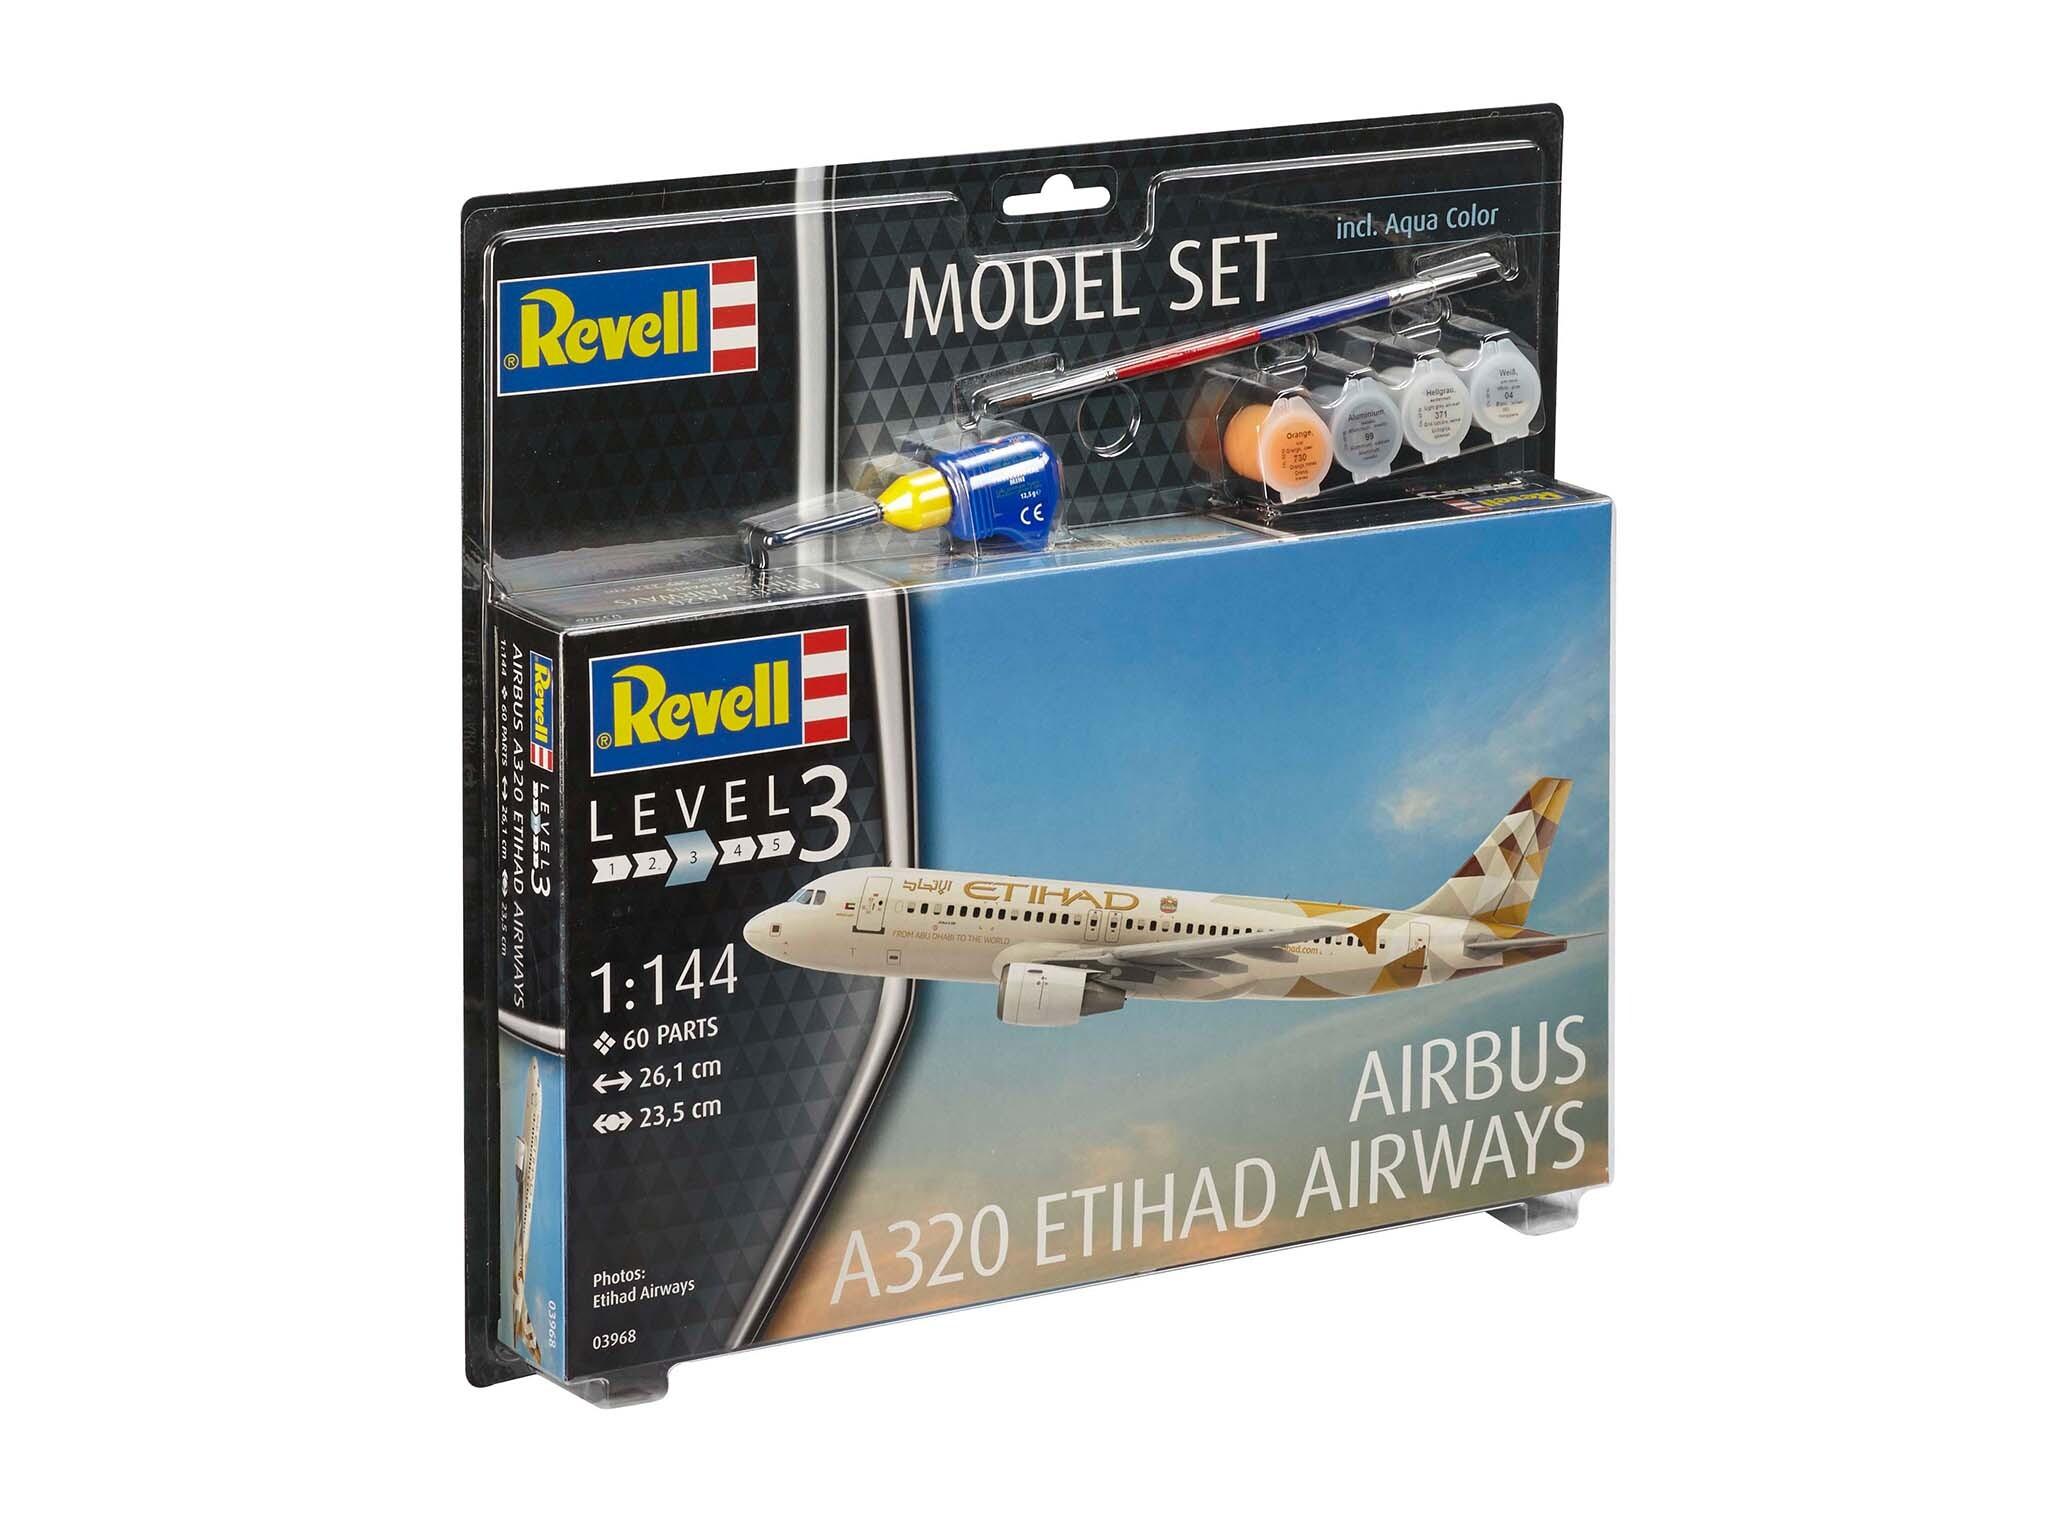 Model Set - maquette Airbus A320 Etihad